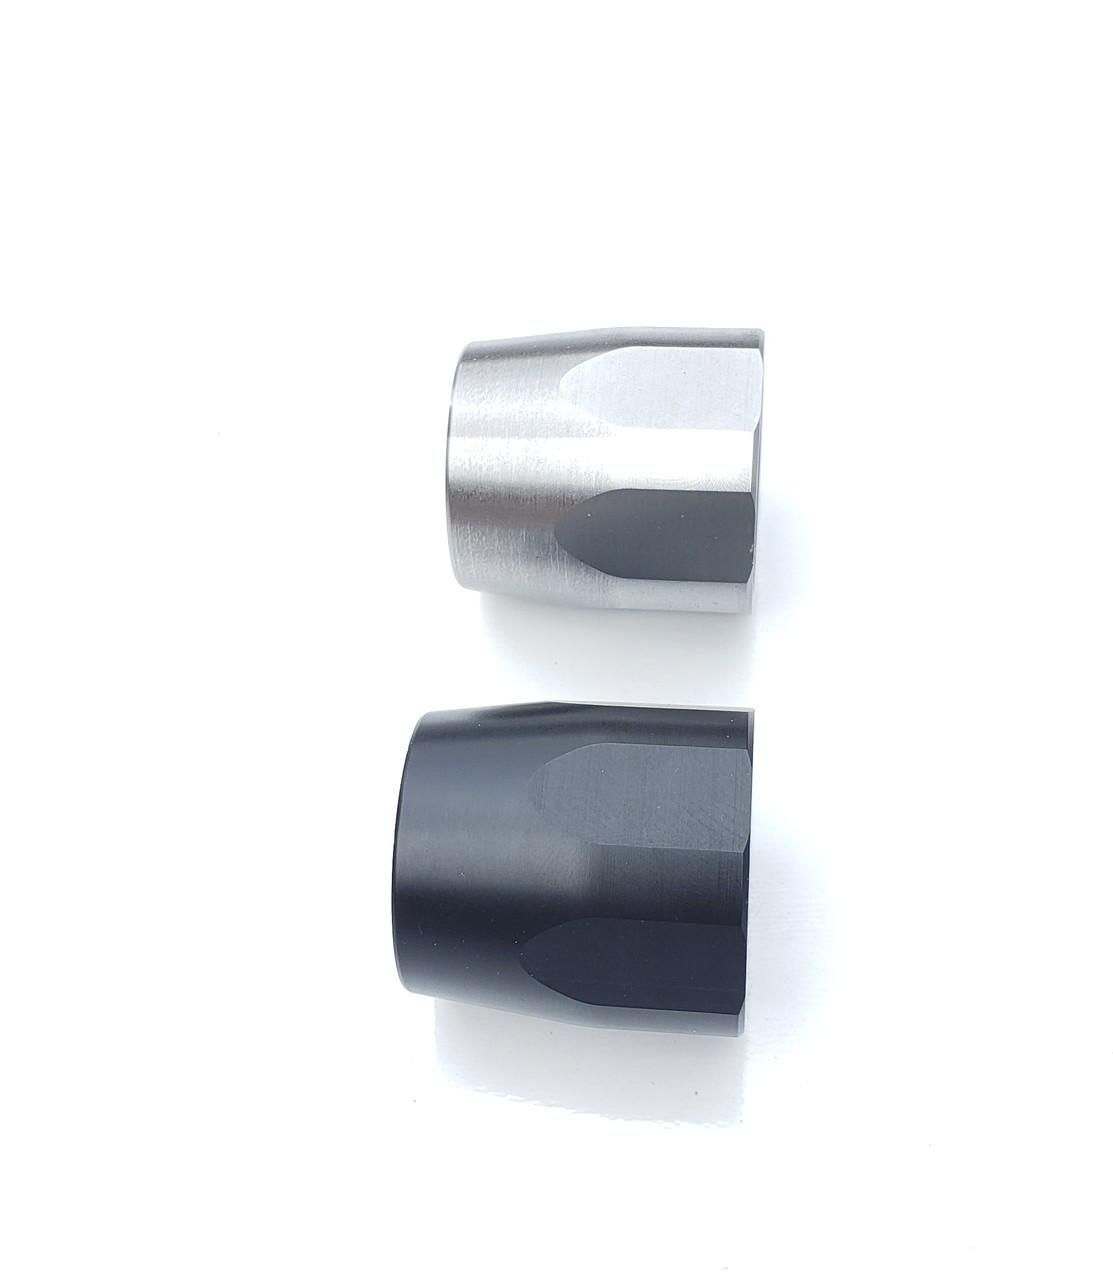 Barrel Nut for Shoulderless Barrels